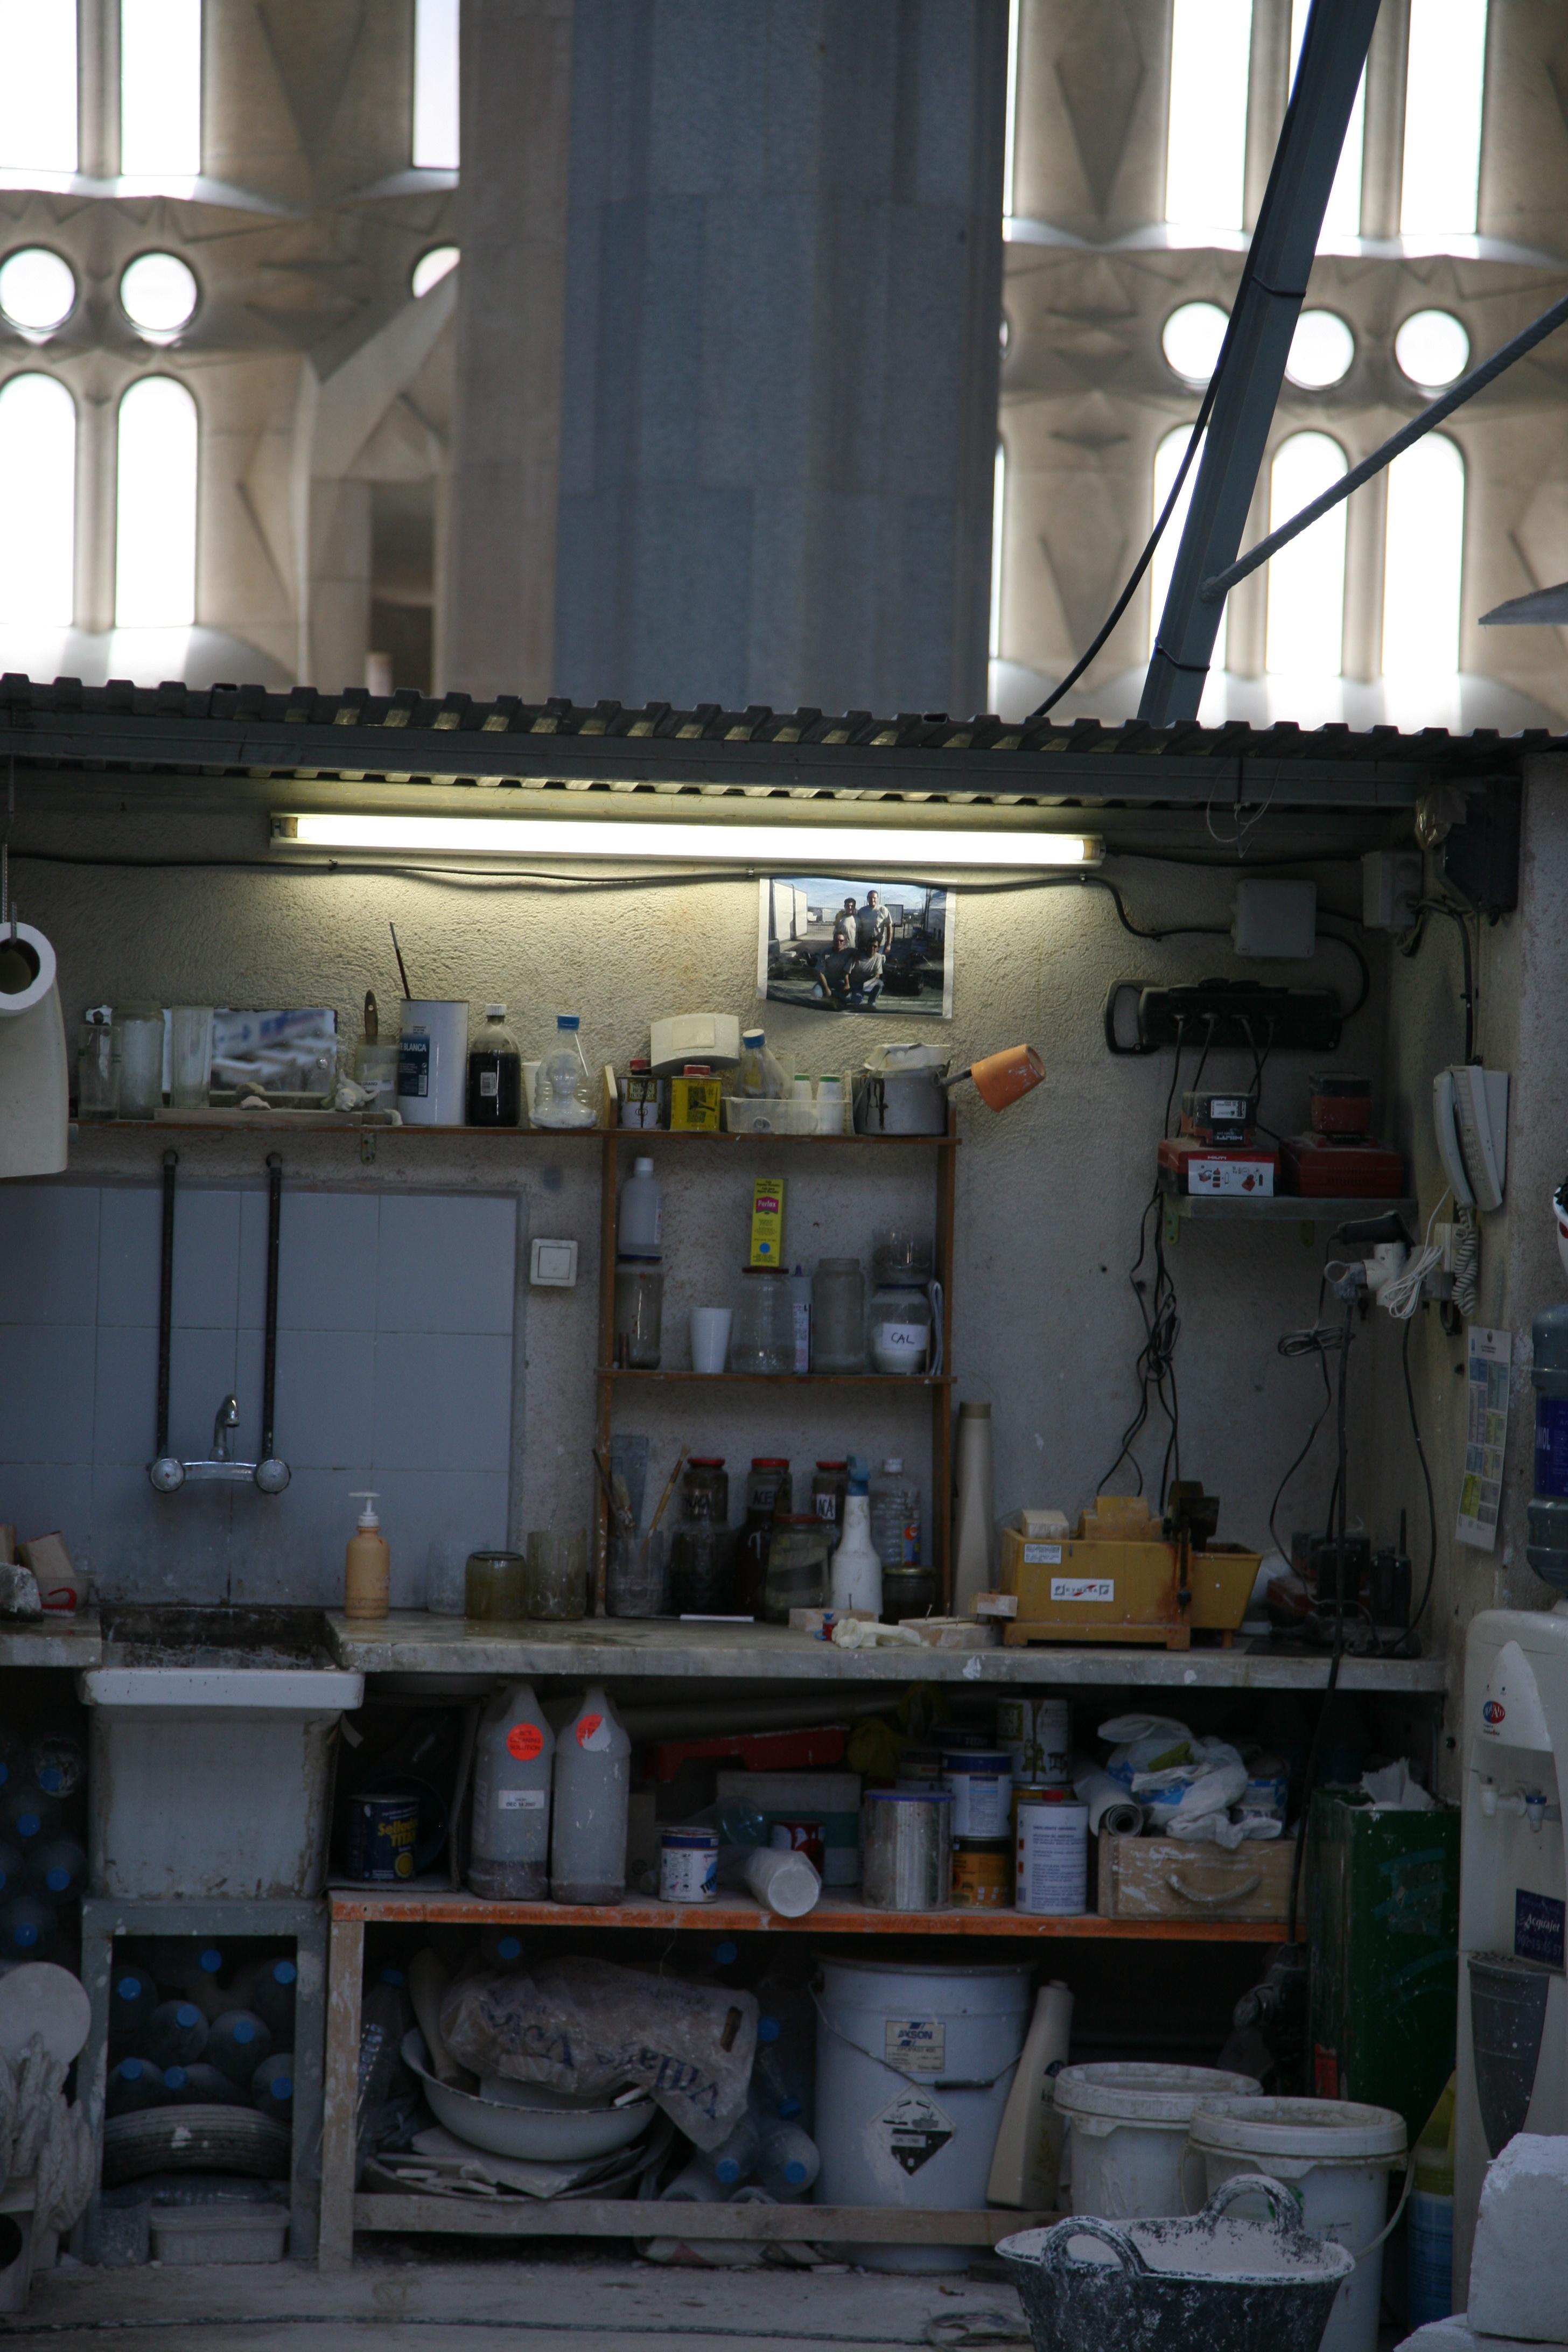 Kostenlose foto : die Architektur, Zuhause, Werkstatt, Fabrik ...